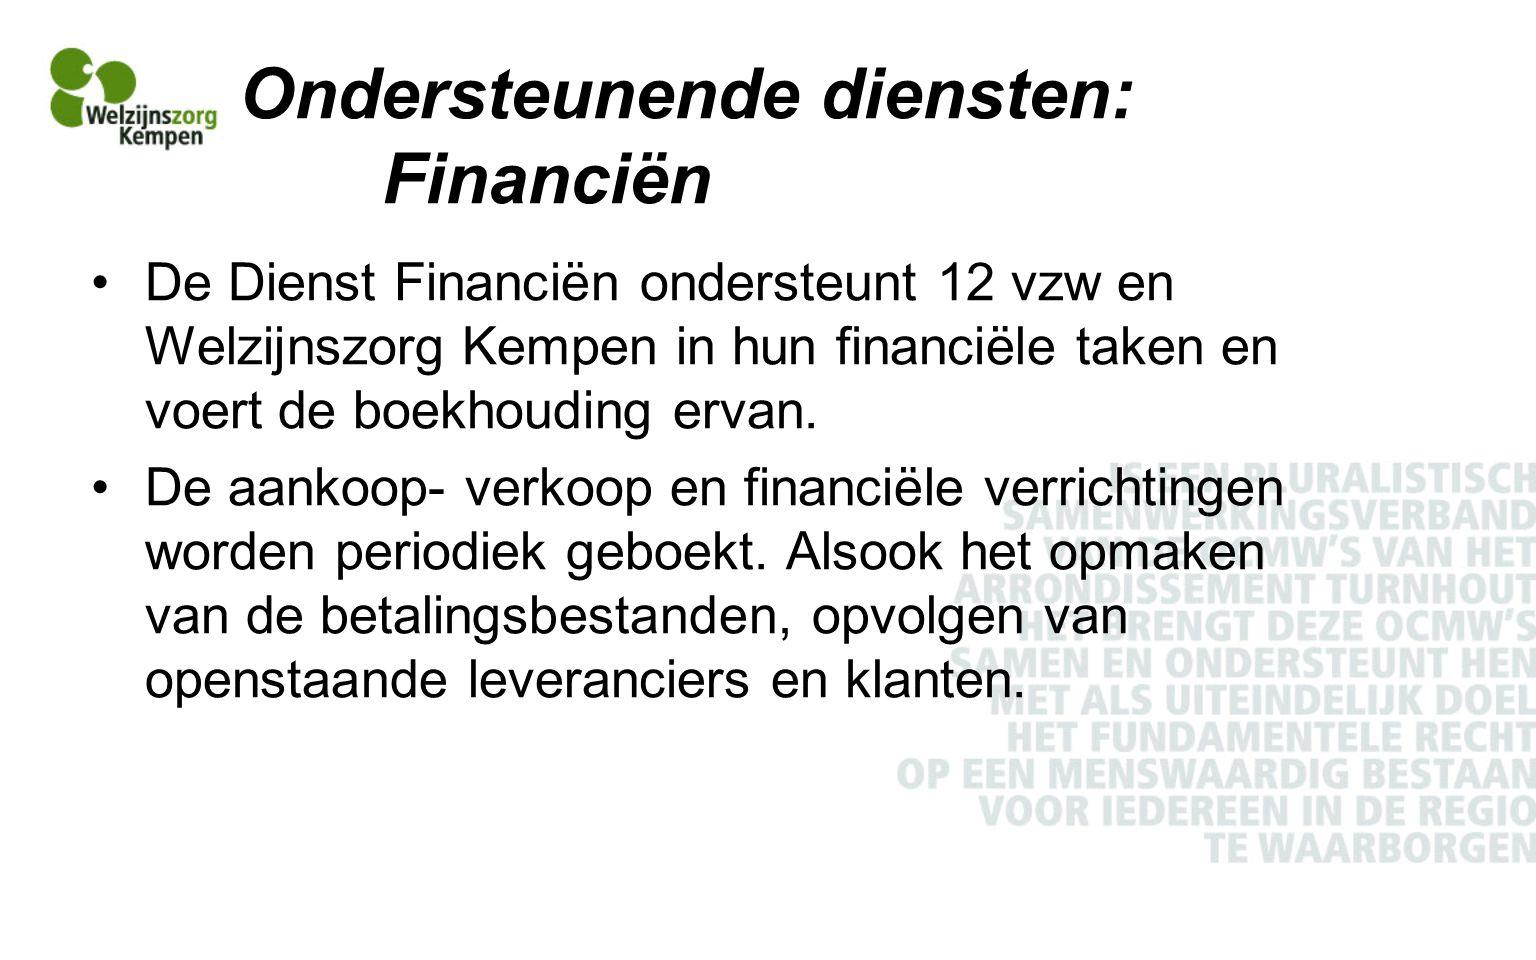 Ondersteunende diensten: Financiën De Dienst Financiën ondersteunt 12 vzw en Welzijnszorg Kempen in hun financiële taken en voert de boekhouding ervan.